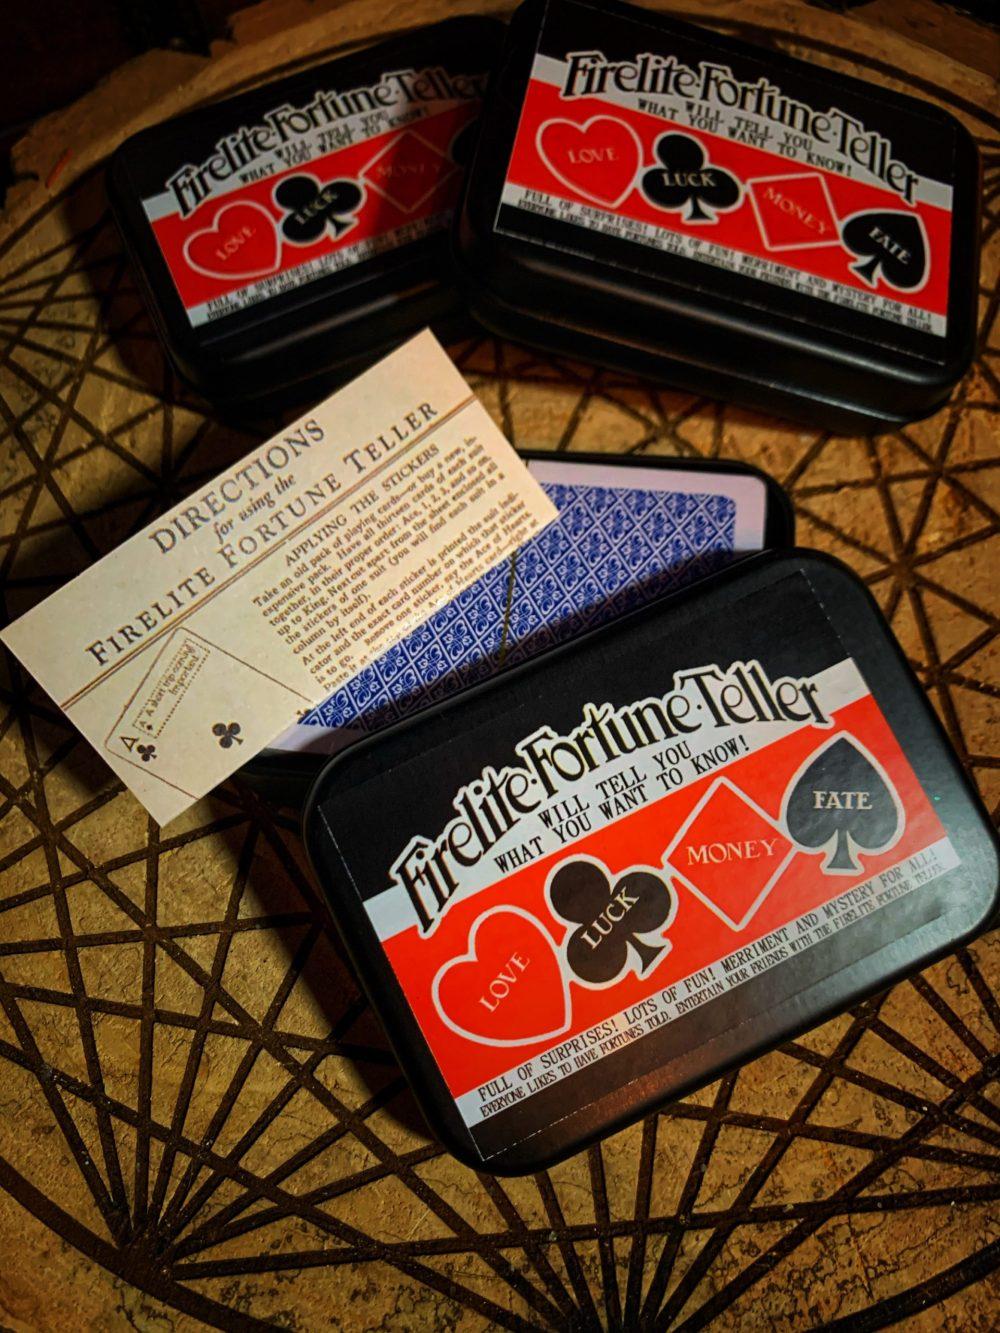 Firelite Fortune Teller kit